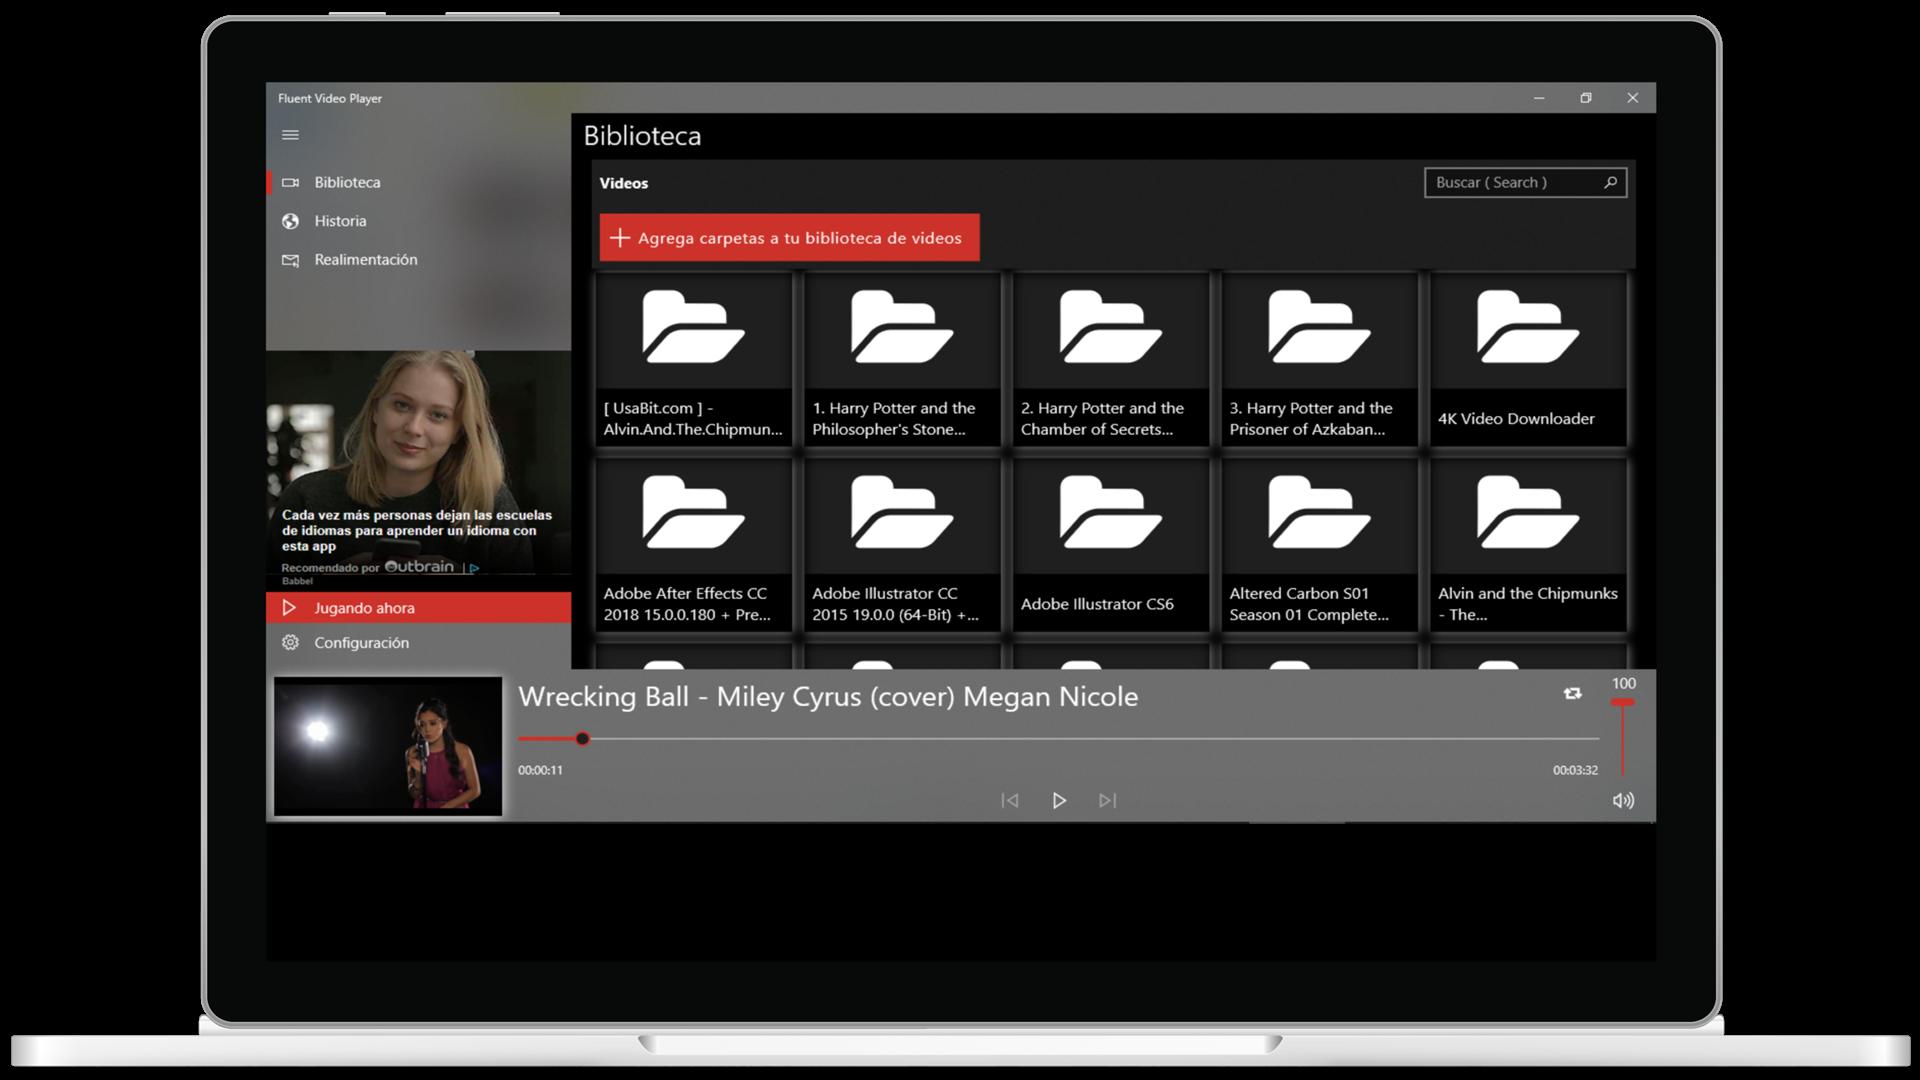 Obtener Fluent Video Player: Microsoft Store es-GT